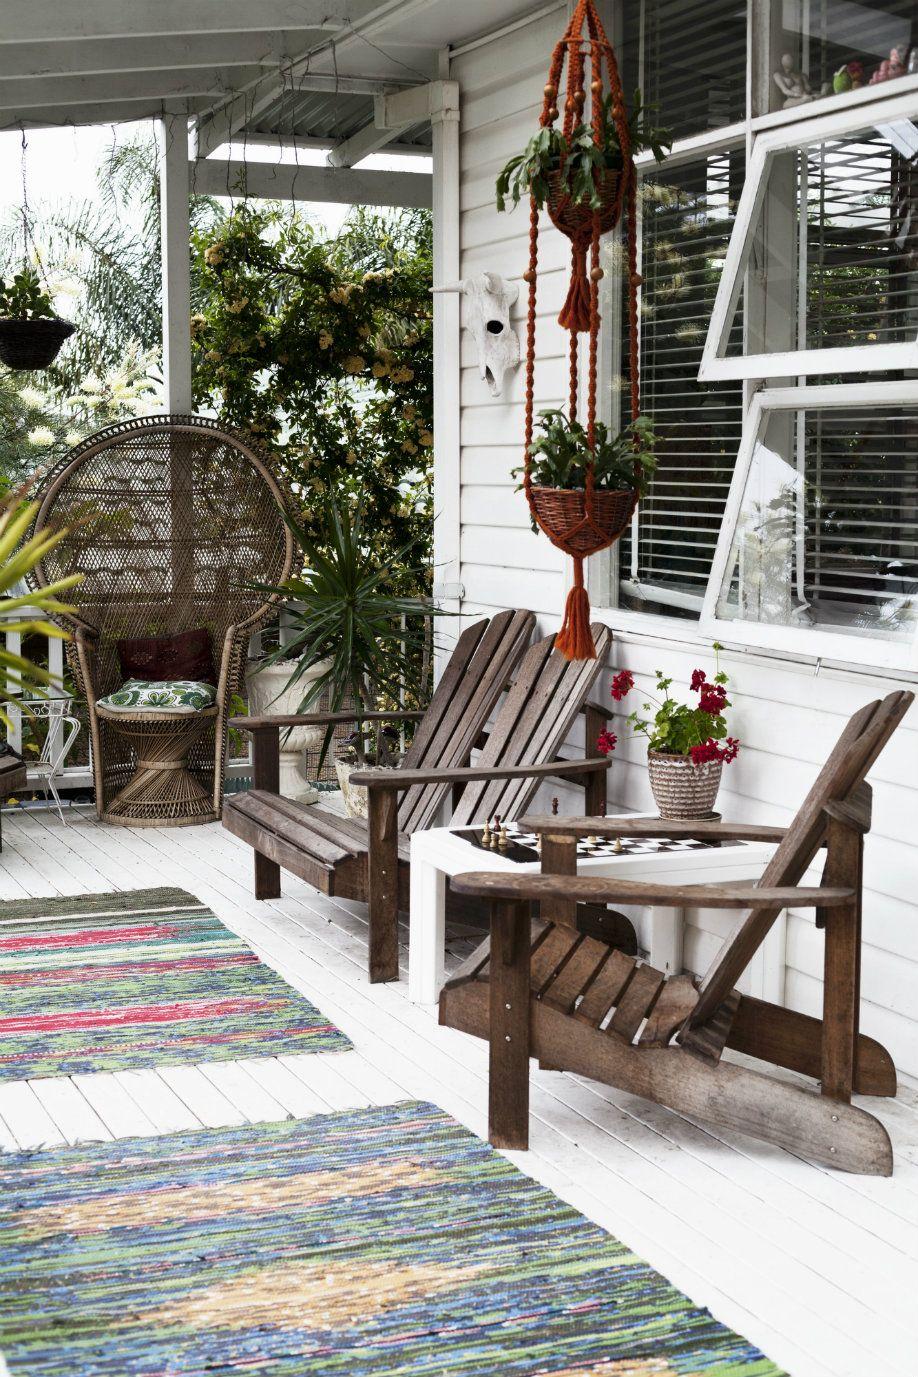 9 tipps für ein boho-zuhause - mehr im westwing-magazin   westwing, Gartengerate ideen